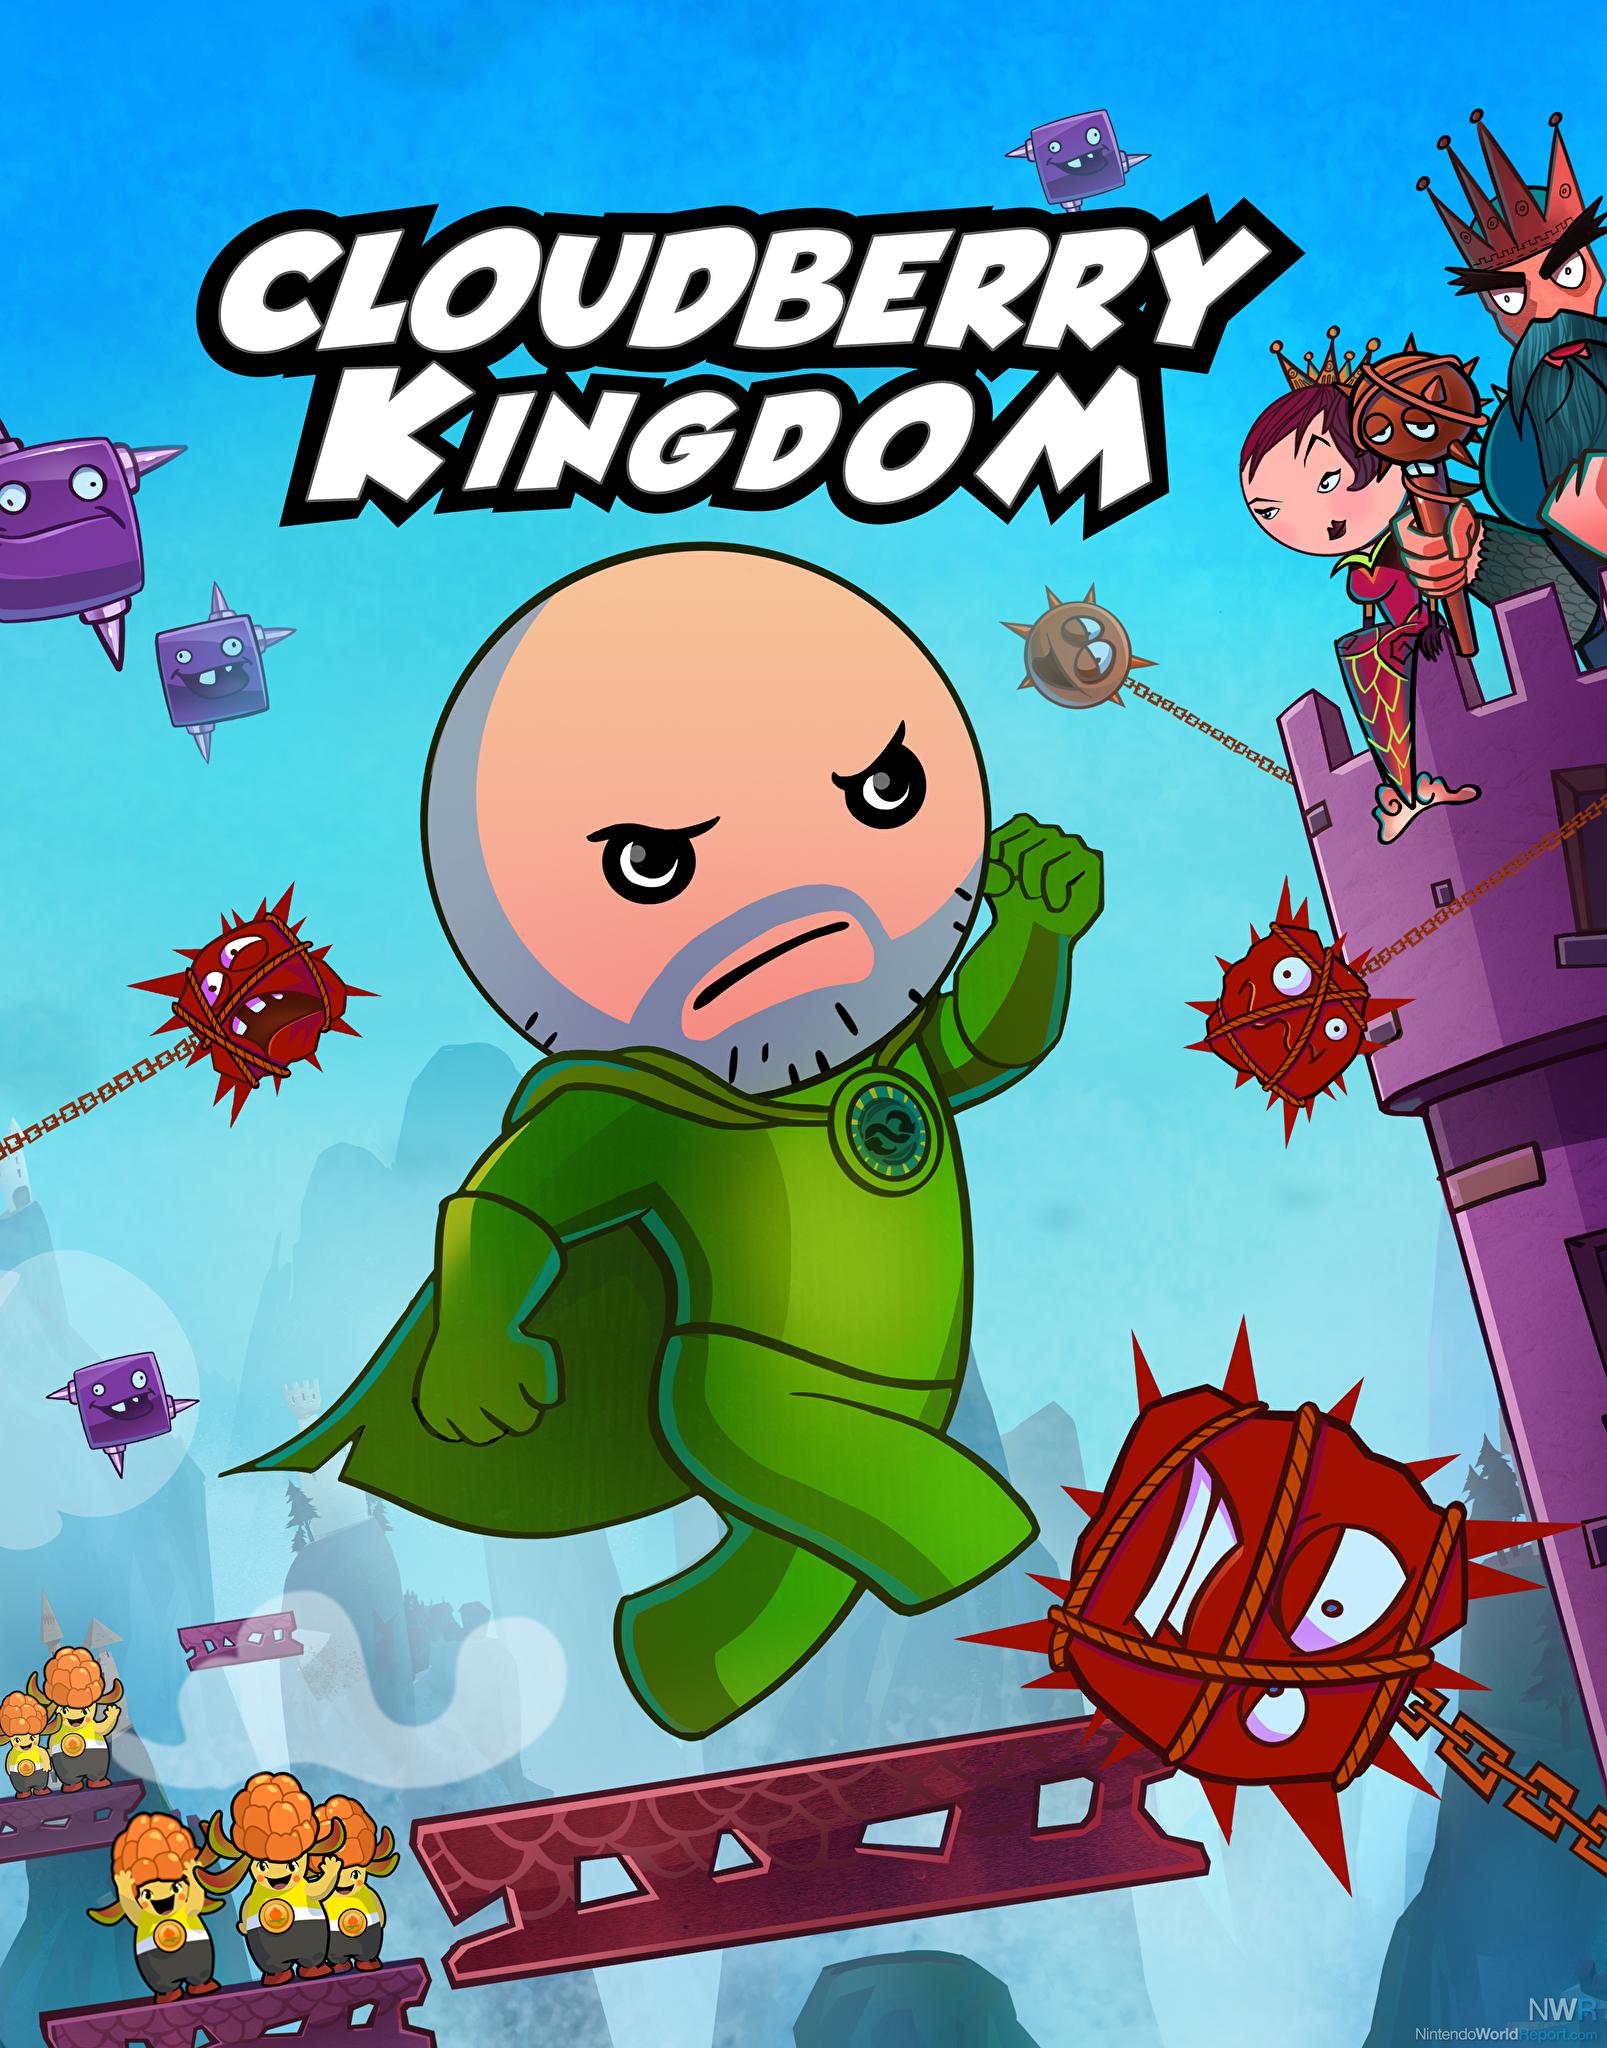 Cloudberry Kingdom (XBLA) Review 1